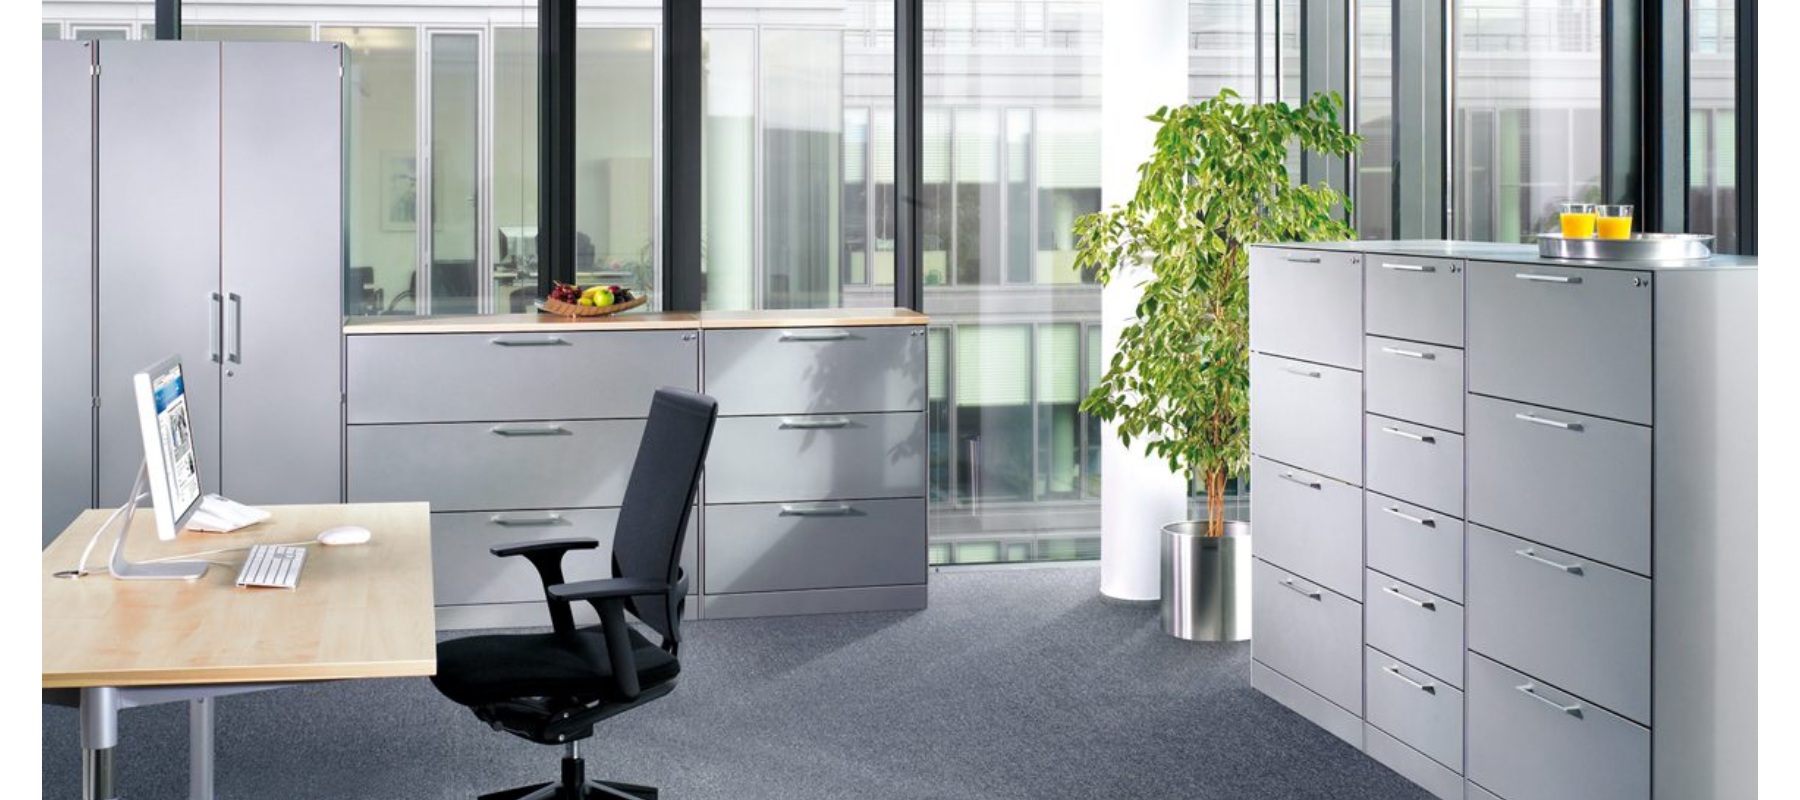 metalowe meble biurowe szafy szufladowe cp aranżacja - 03